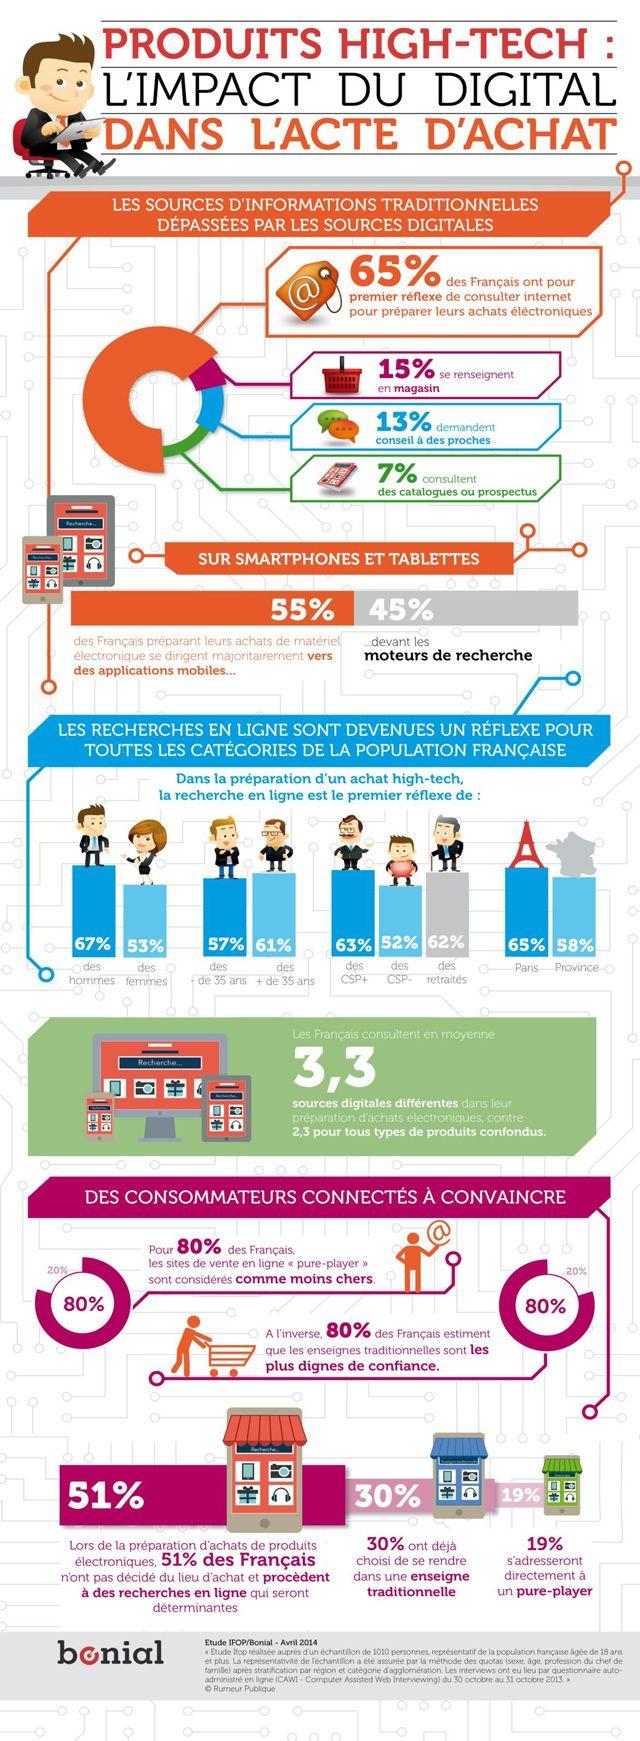 Une infographie publiée par Bonial démontre que les recherches en ligne  sont devenues un réflexe pour toutes les catégories de la population  française. 51ba6d736679